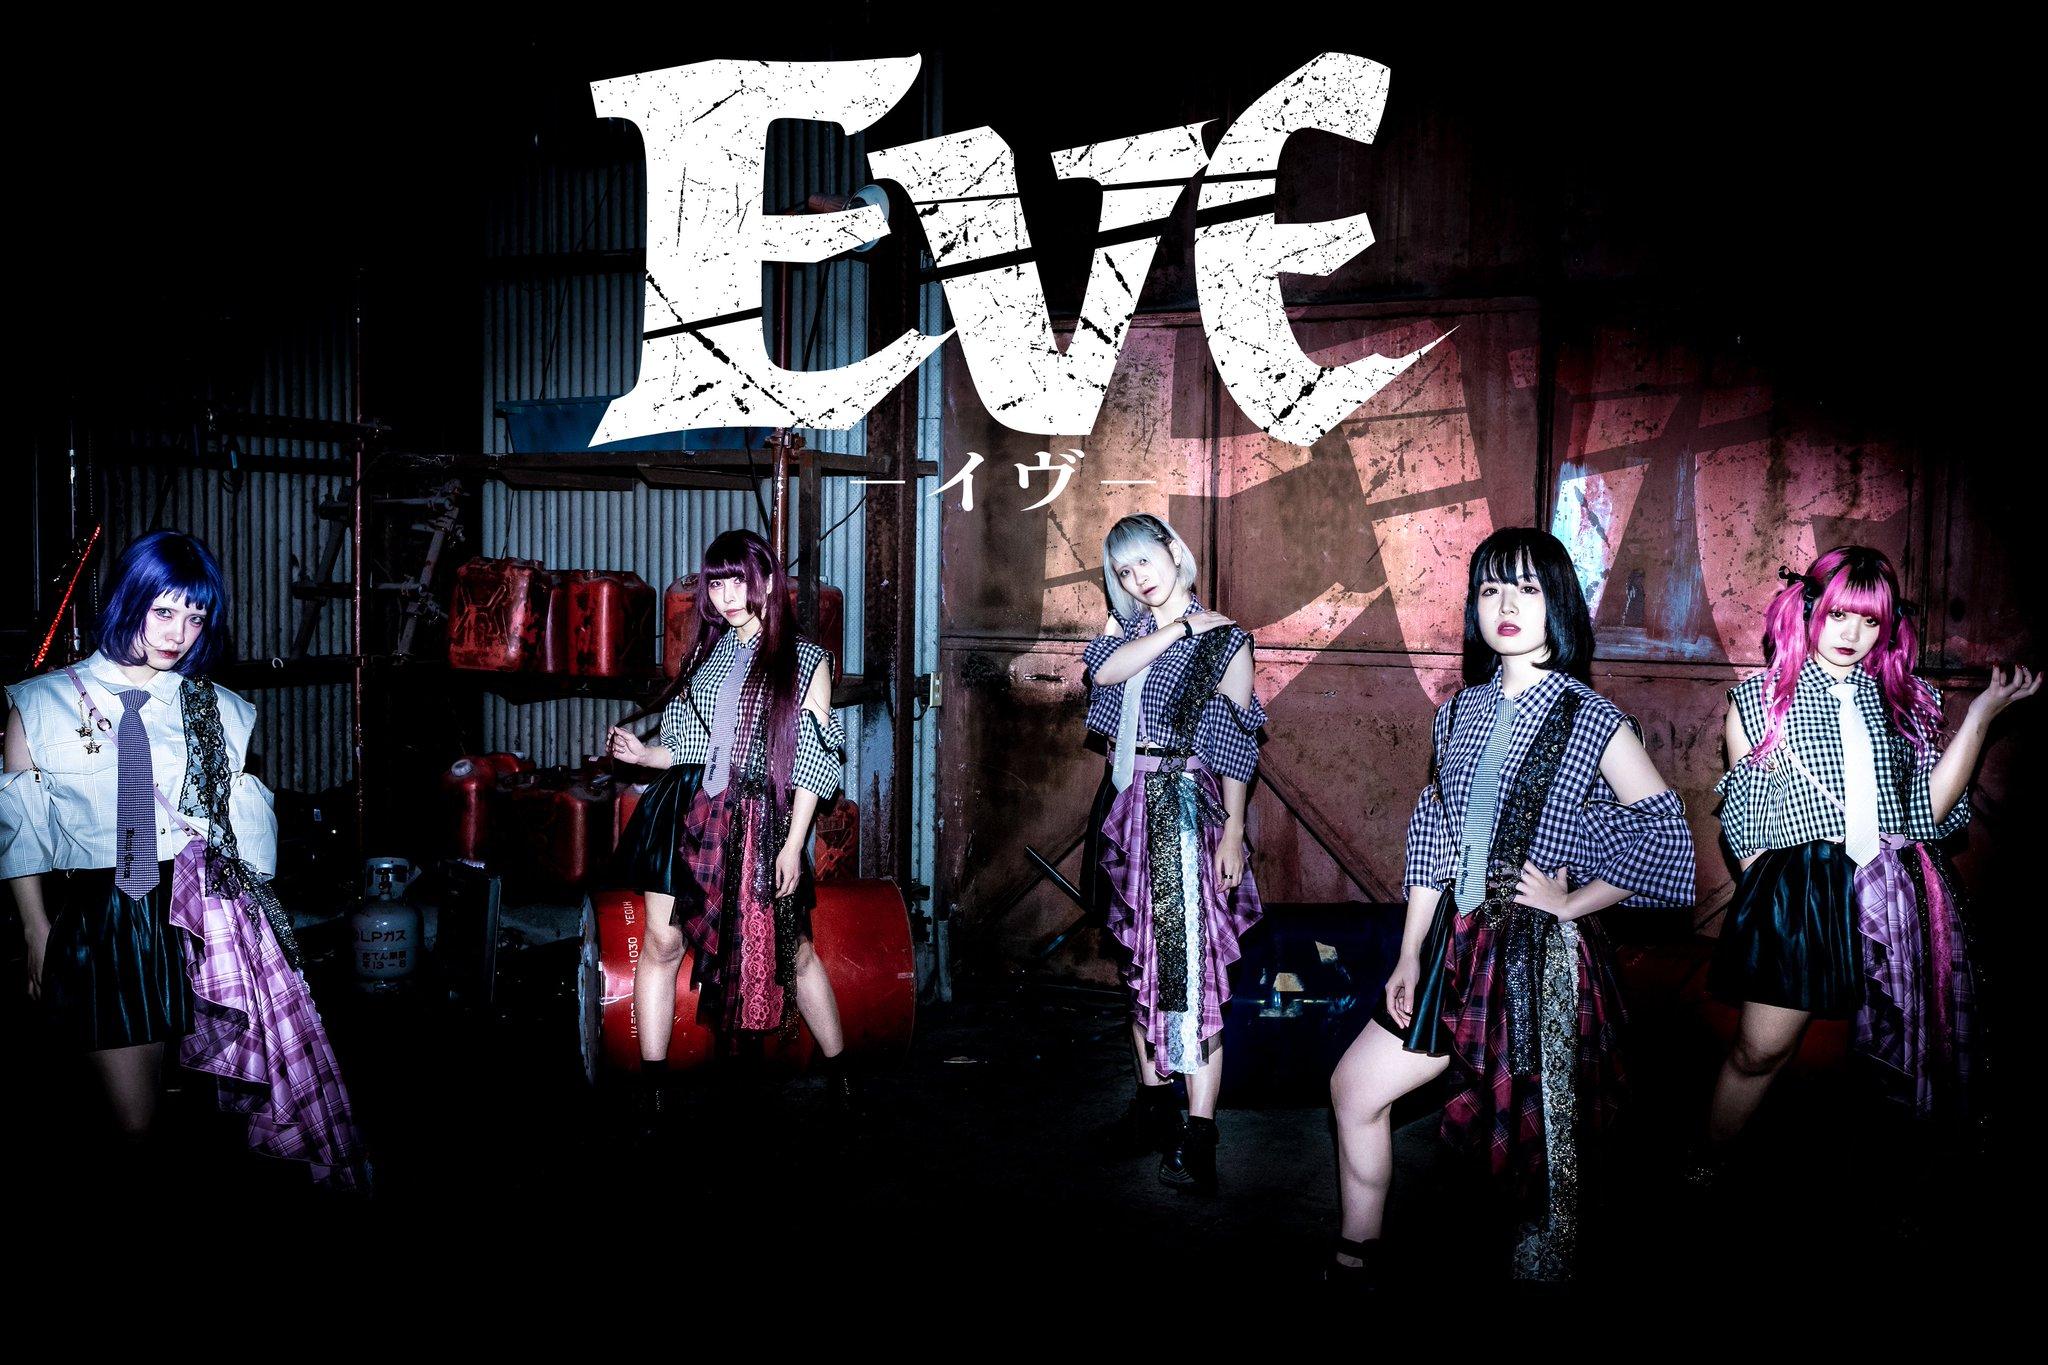 オーディション ロックアイドルEVE メジャーを目指す新メンバーオーディション 年齢不問EDM病み系ロック、エモ、全力パフォーマンス自分らしく前に進め! 主催:EVEプロジェクト、カテゴリ:アイドル(本格派)